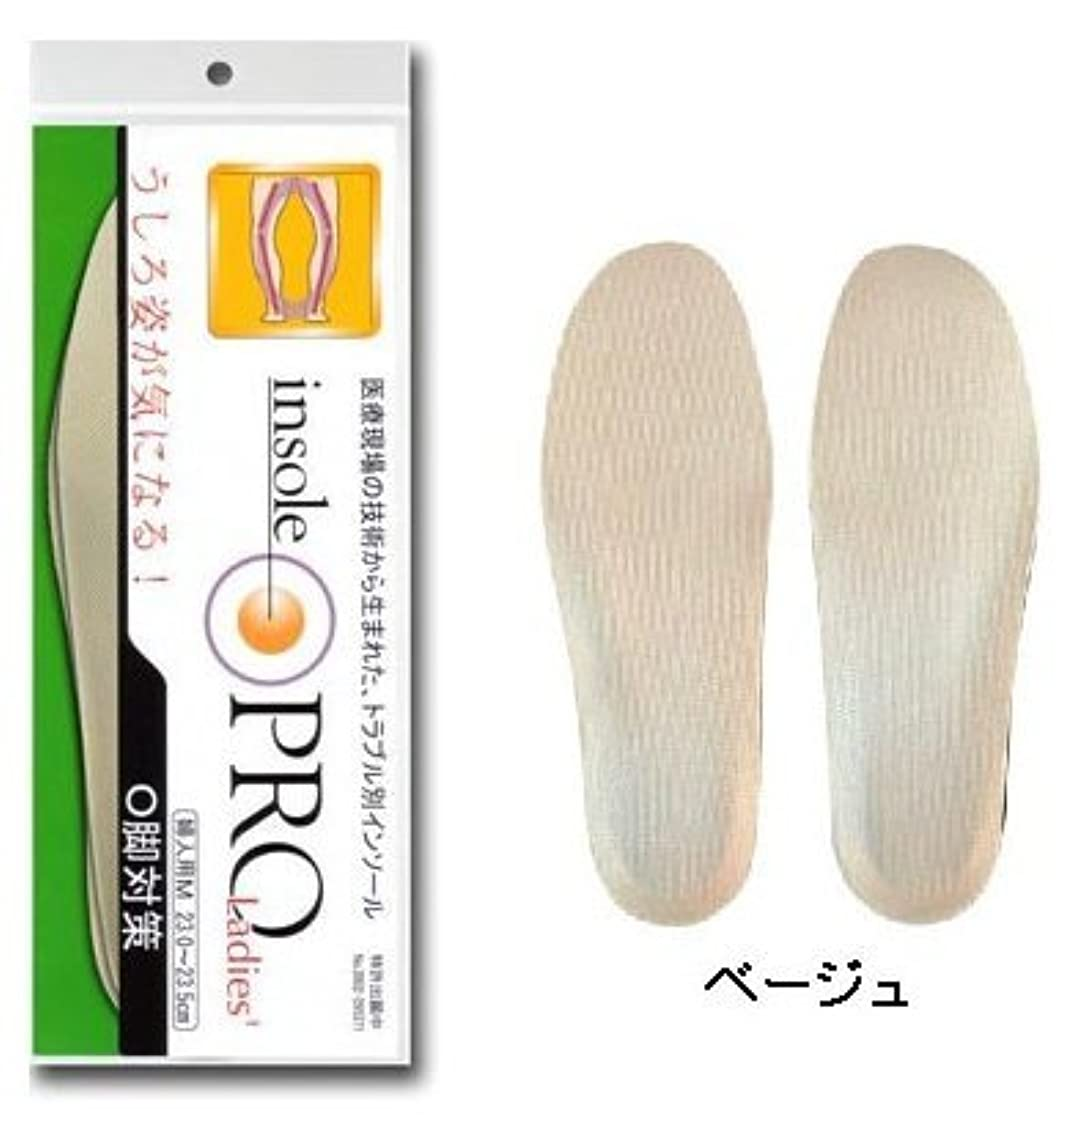 認証直接不規則なインソールプロ 「O脚対策」 (女性用 L 24.0~25.0cm)